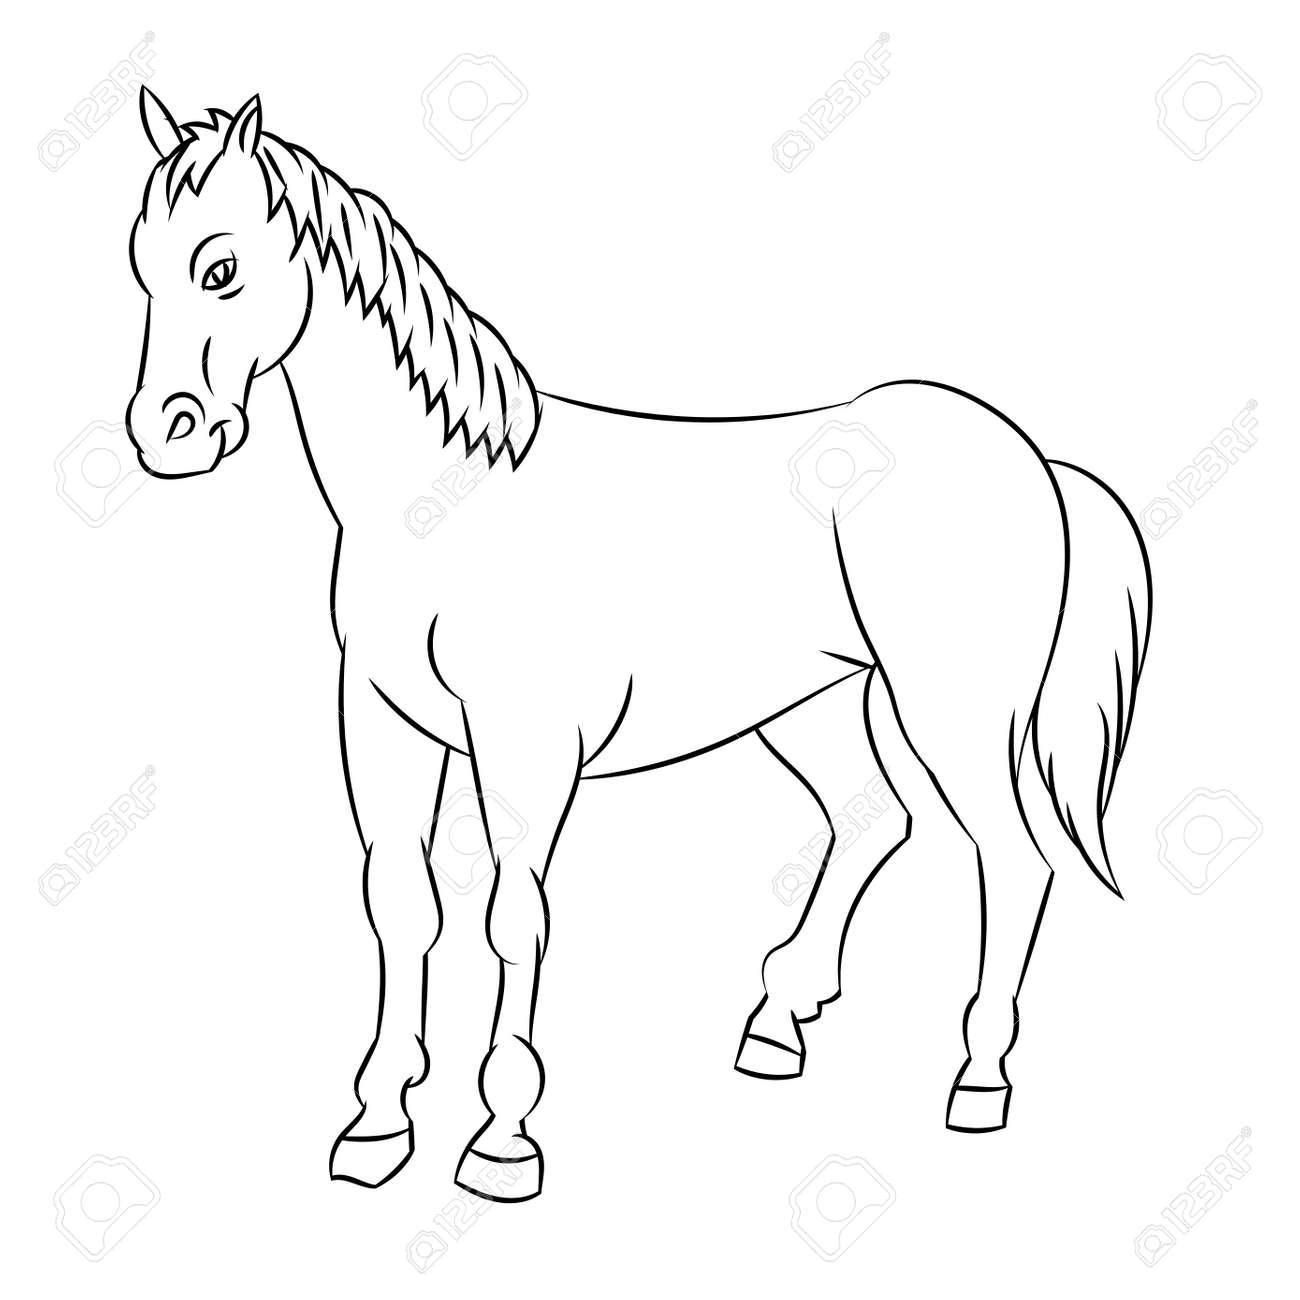 Boceto Dibujado A Mano De Caballo Aislado Blanco Y Negro